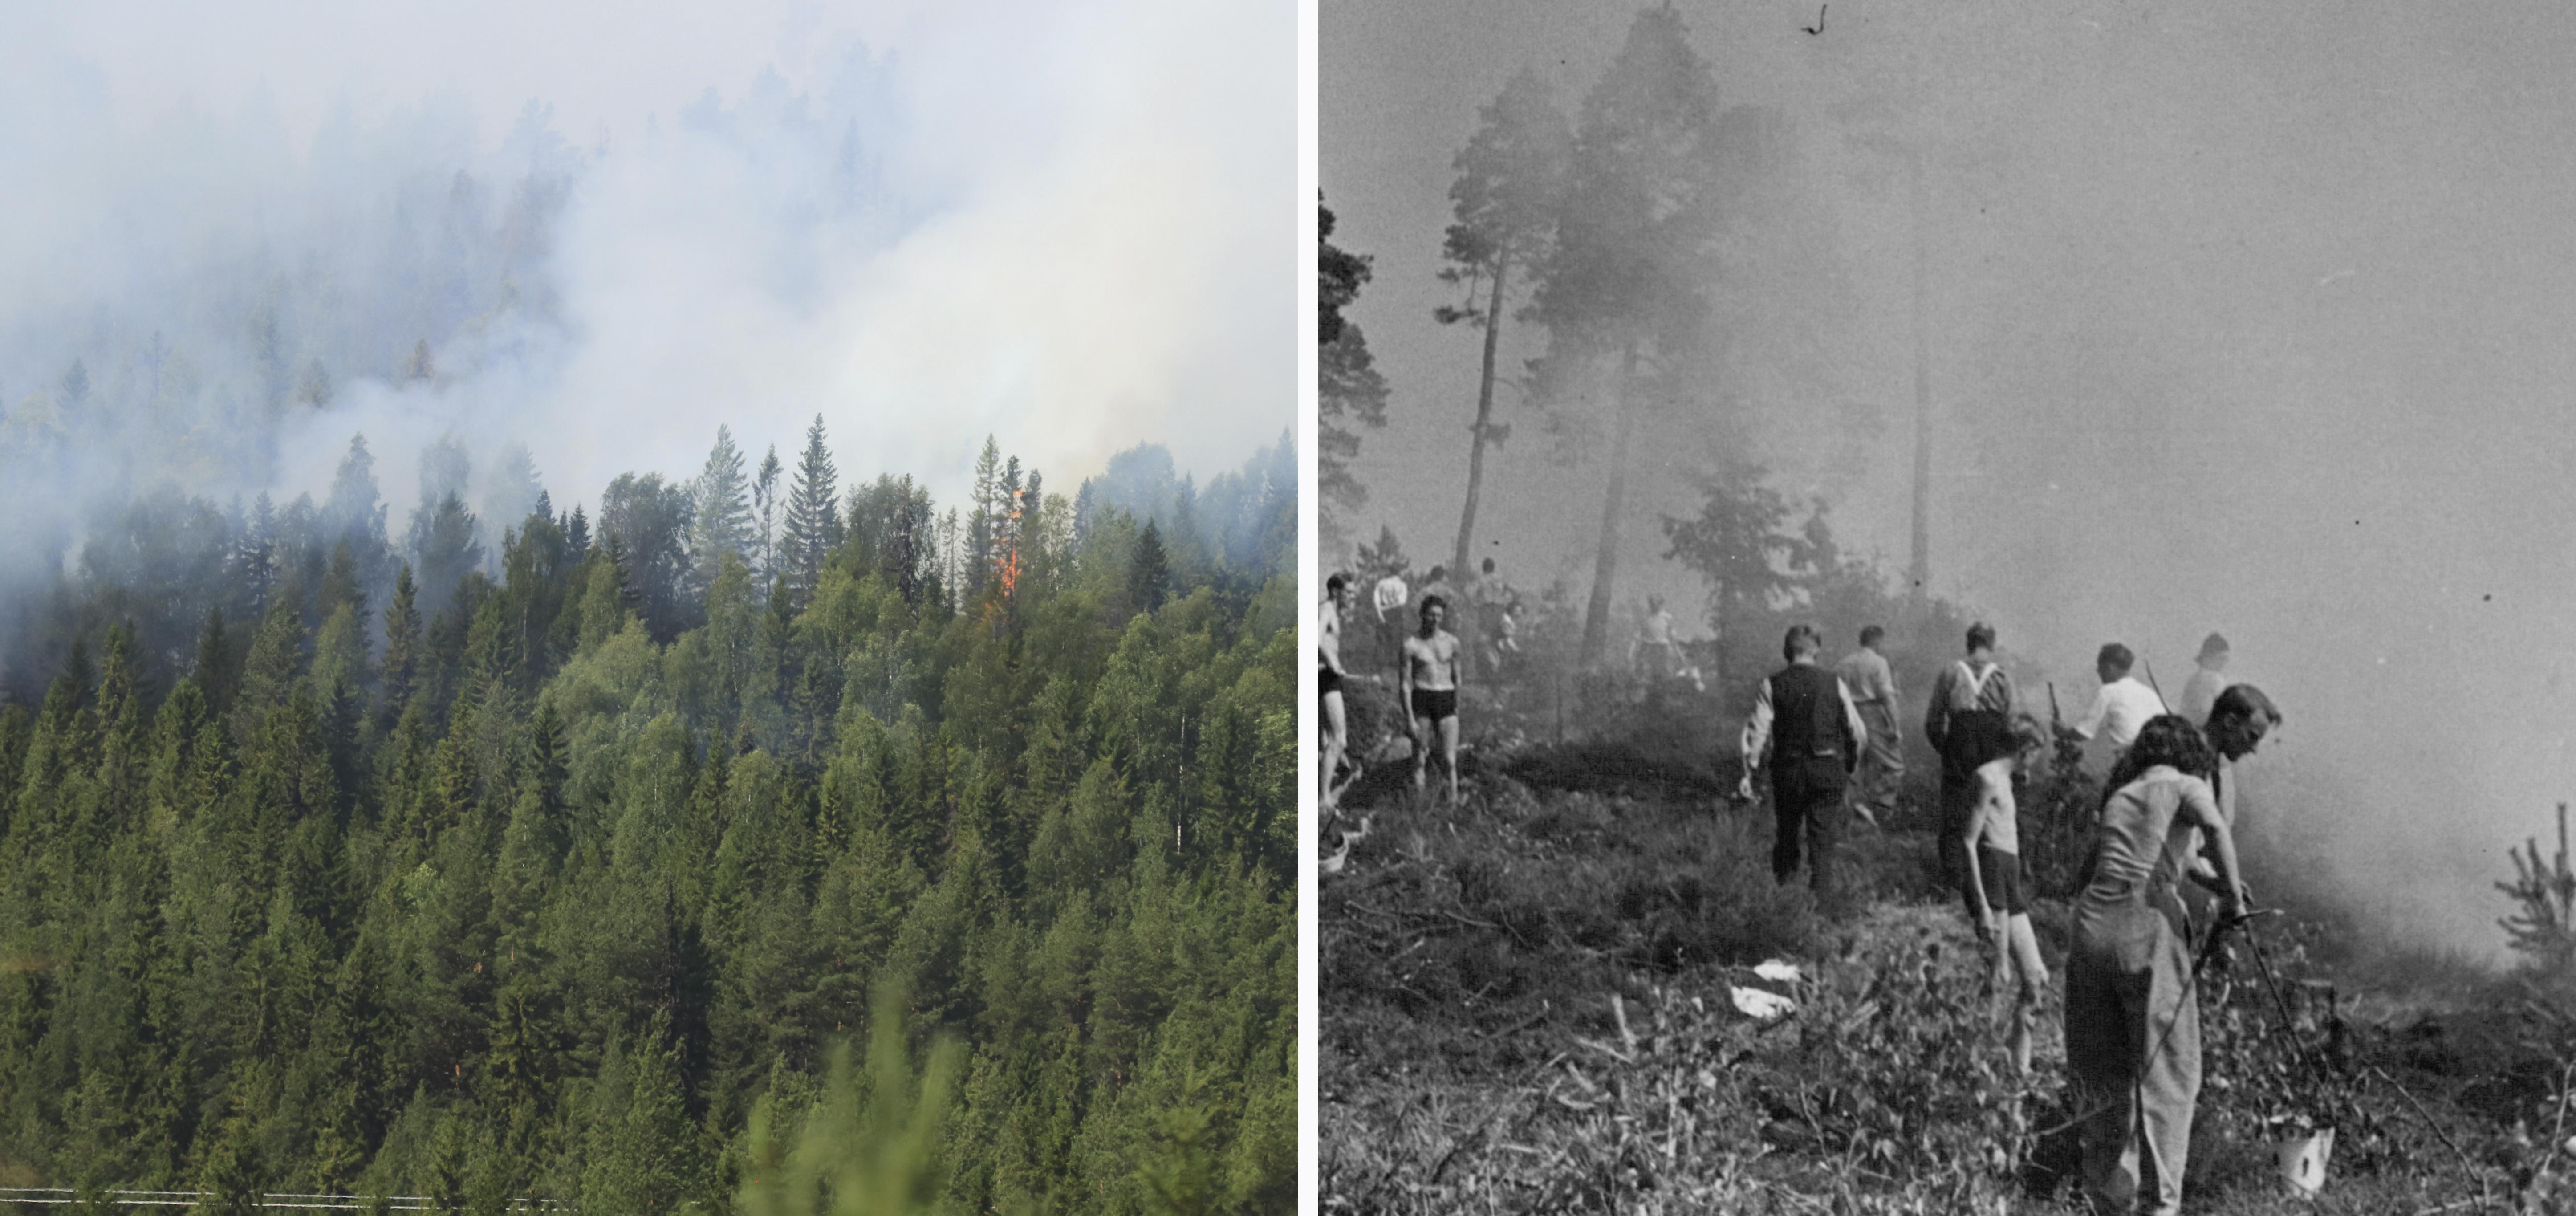 15 aringar greps for skogsbrander